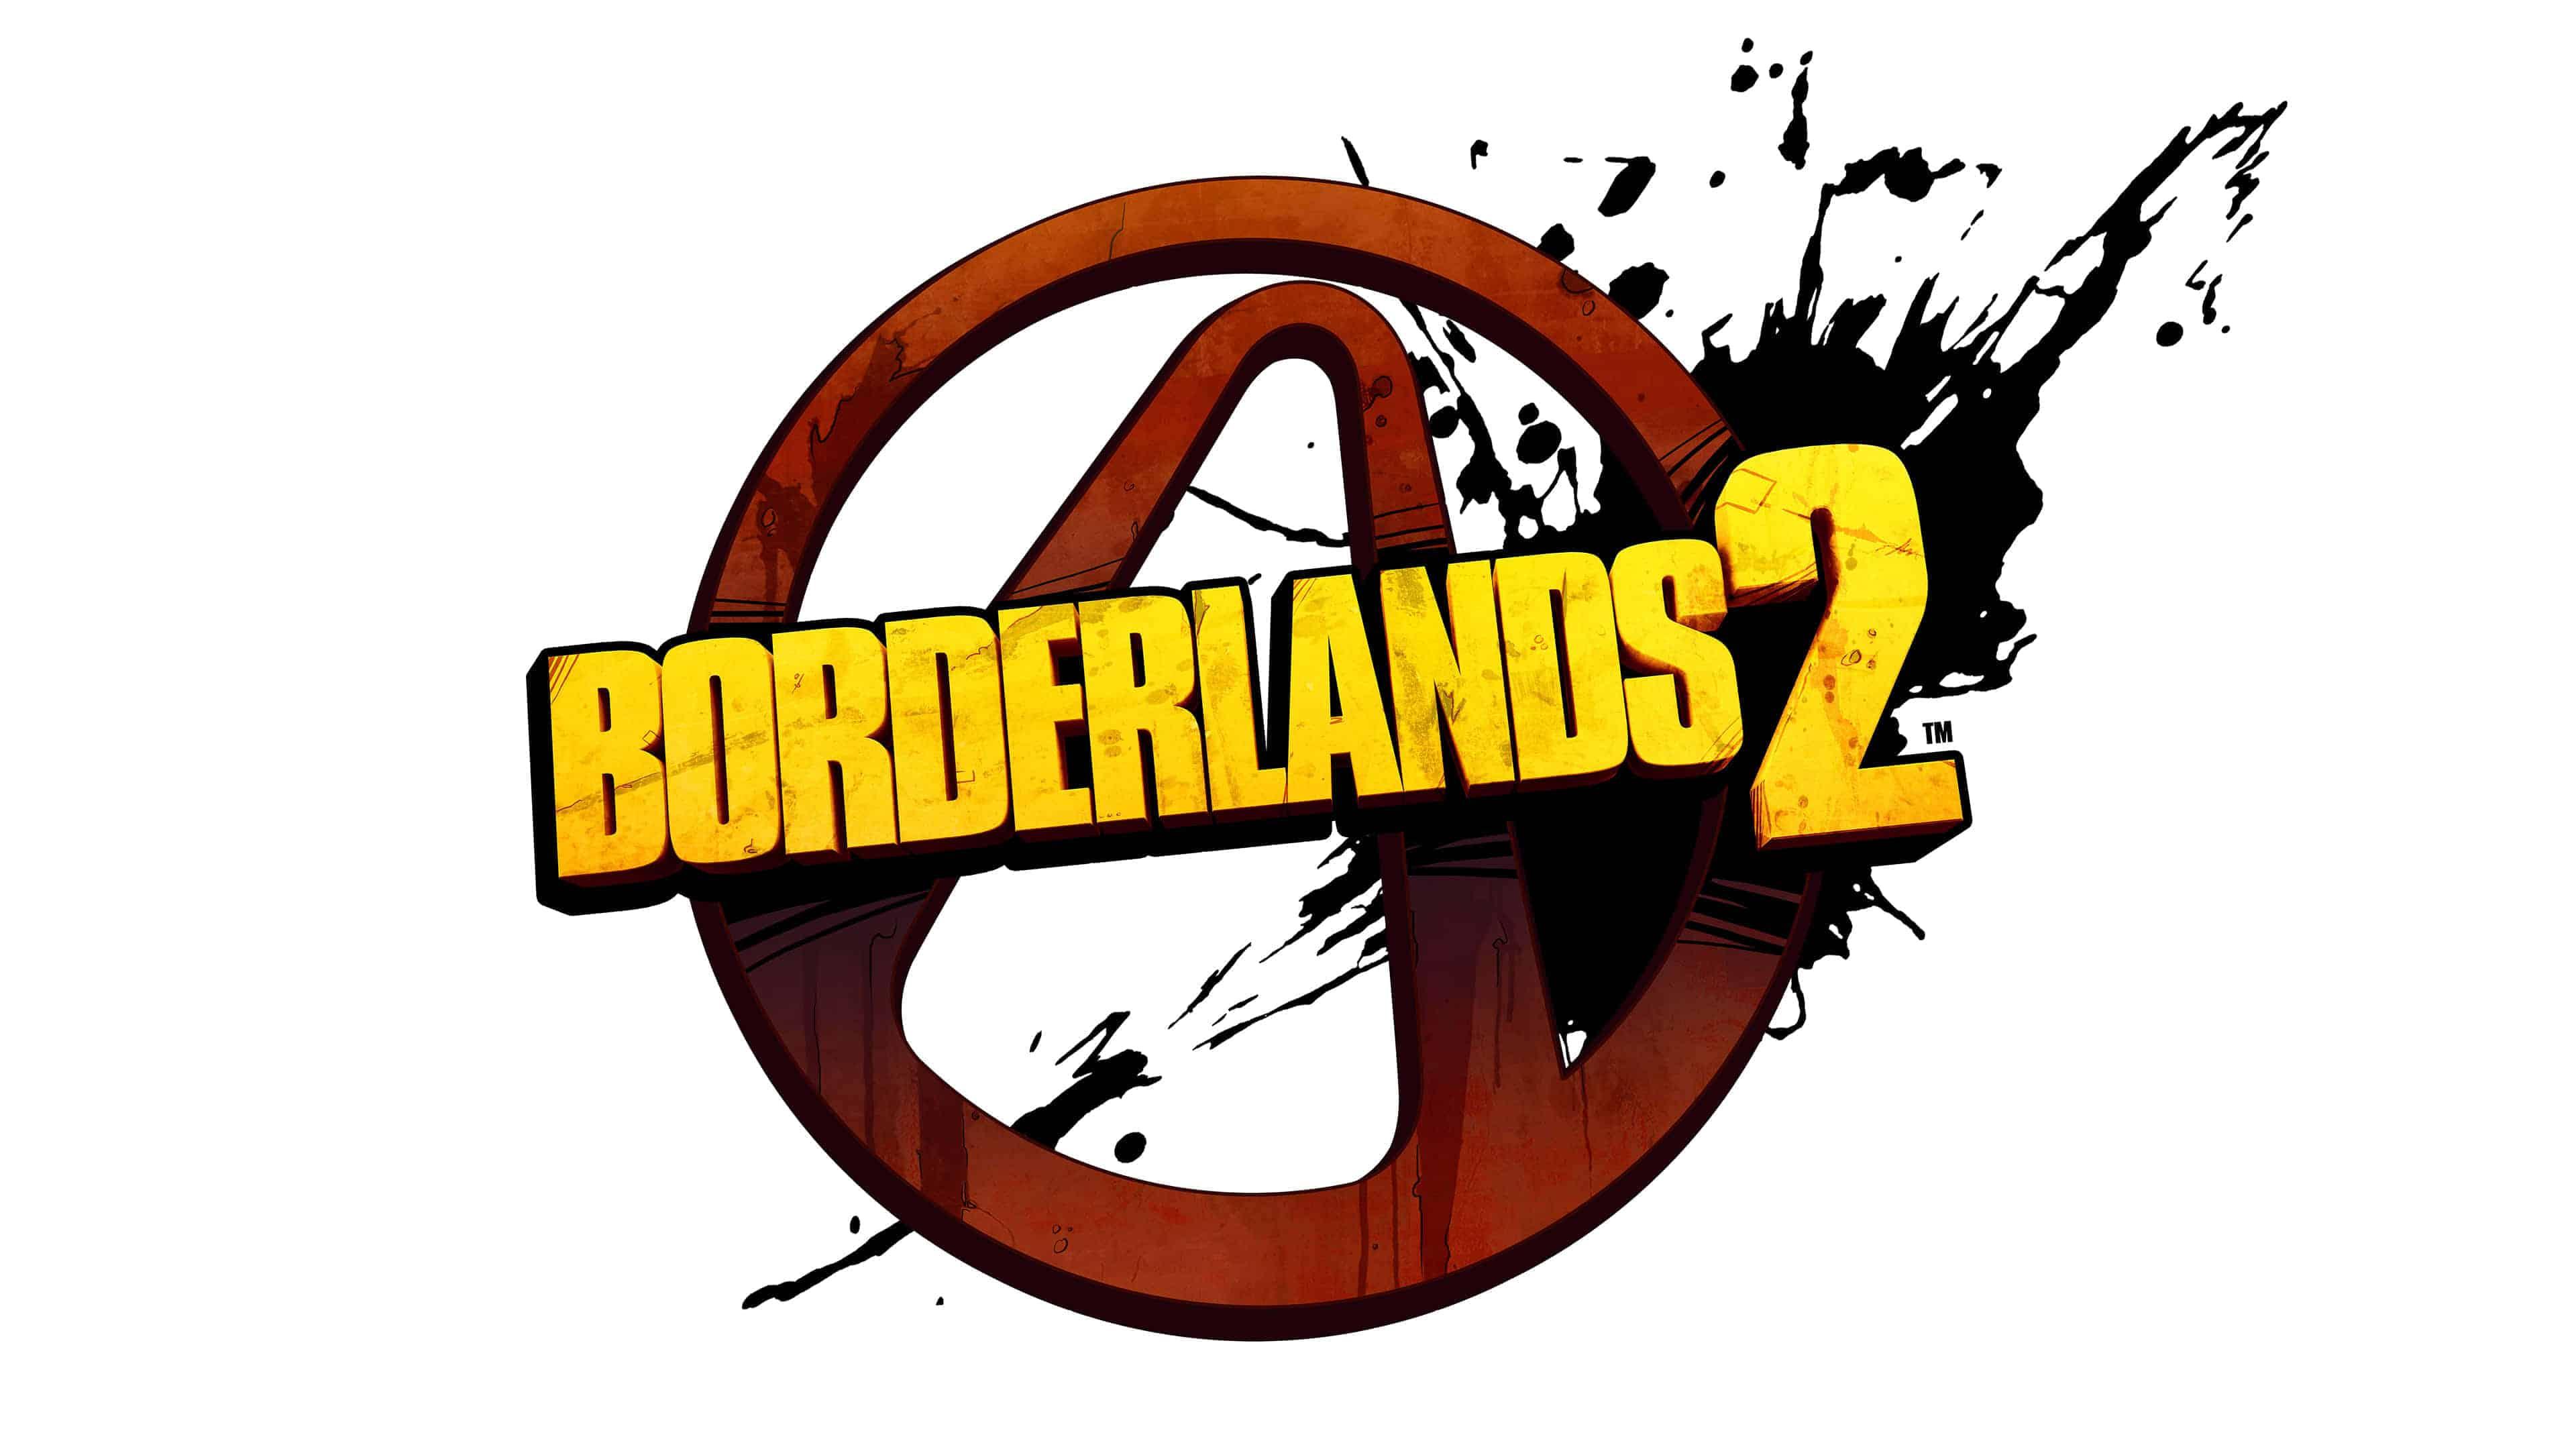 borderlands 2 logo uhd 4k wallpaper